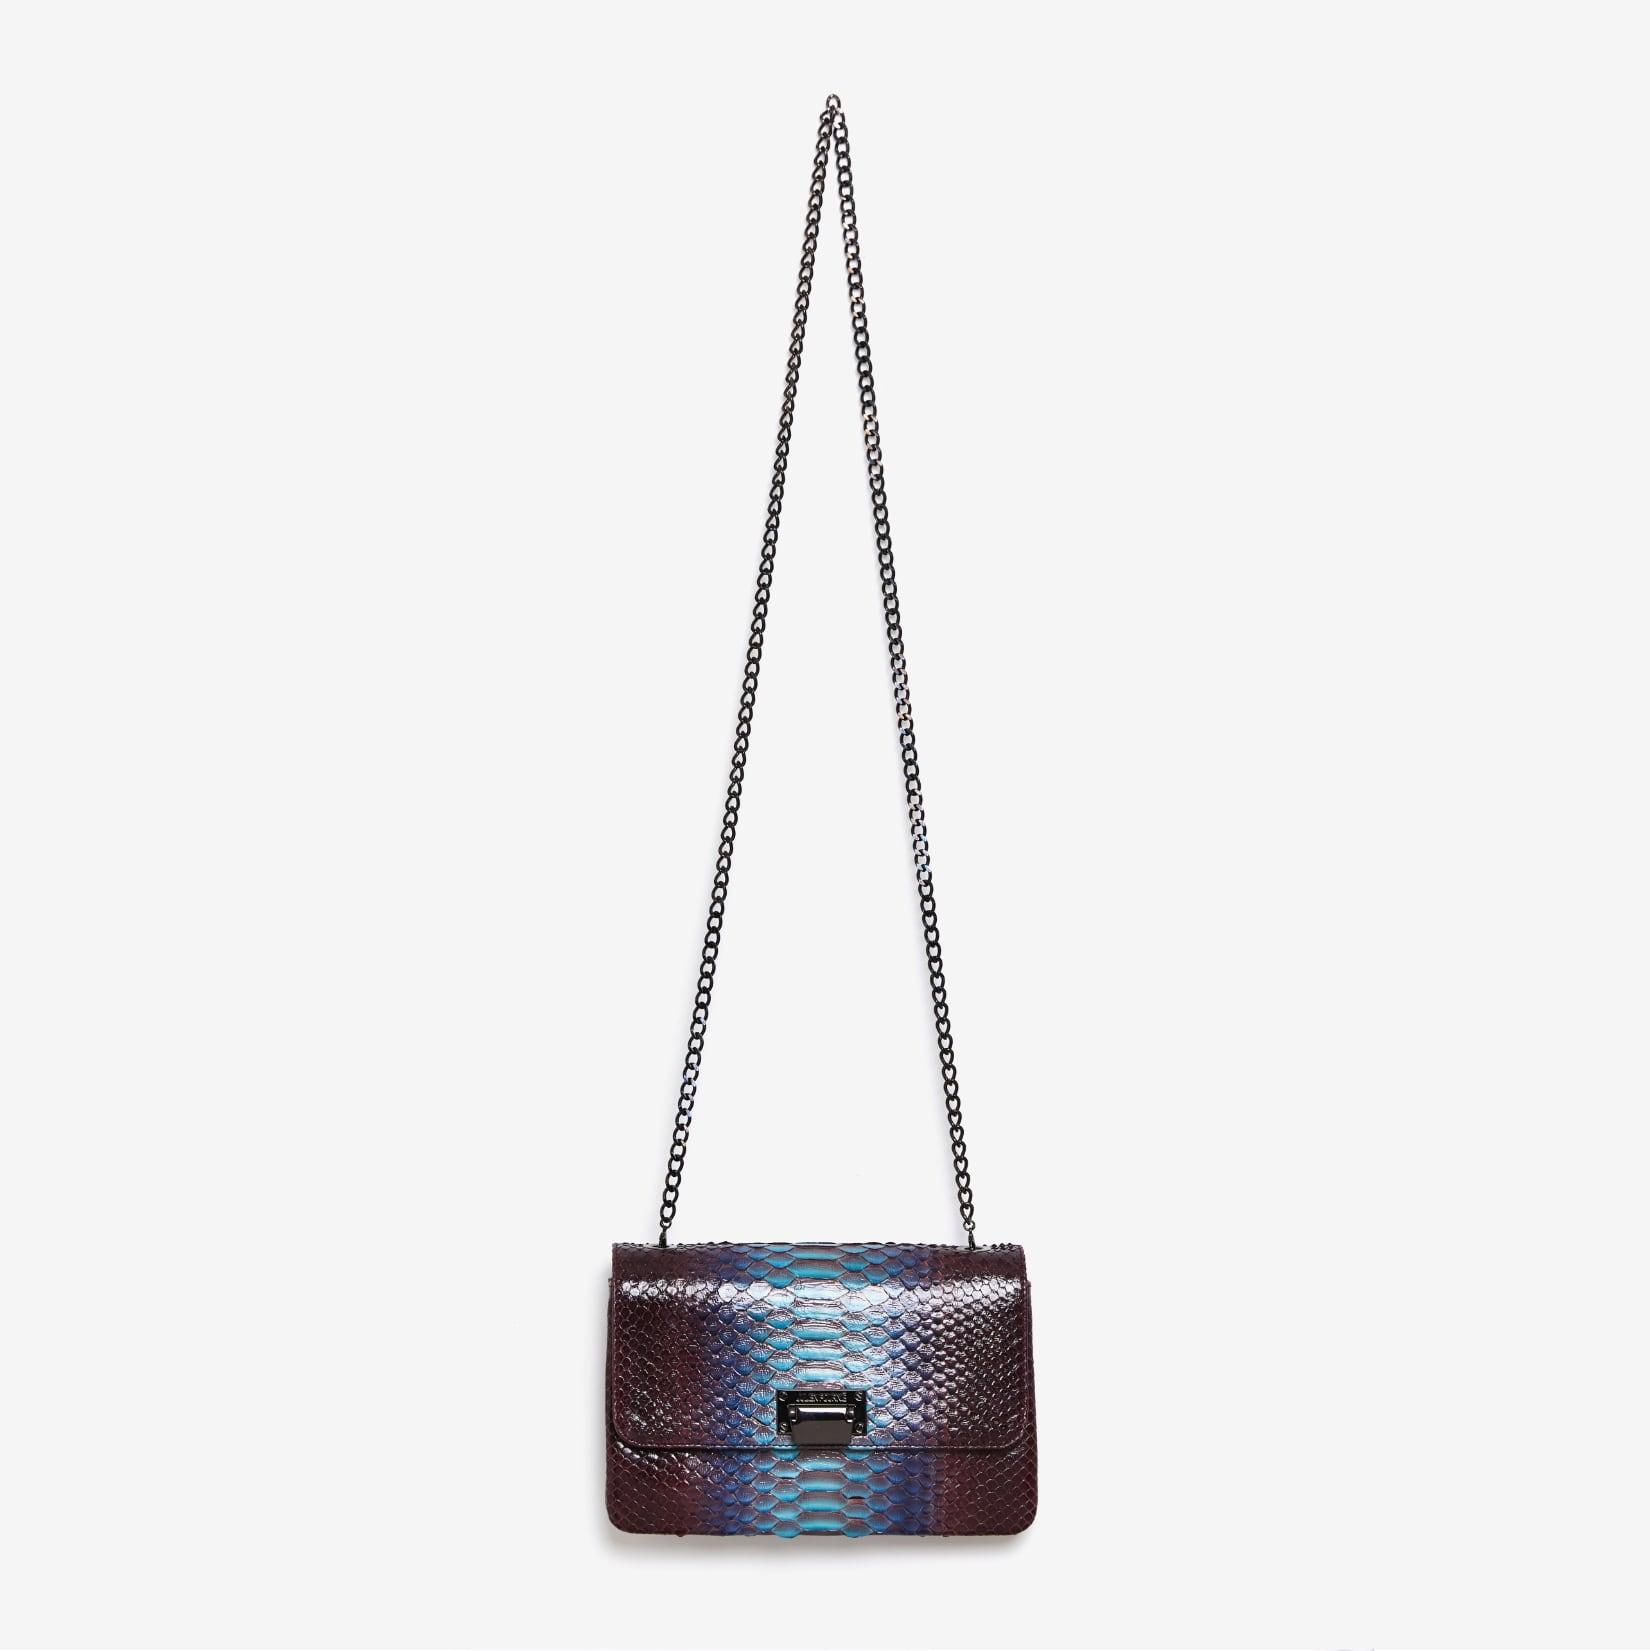 Sirocco Luxury Julien Fournié Haute Couture Handbag